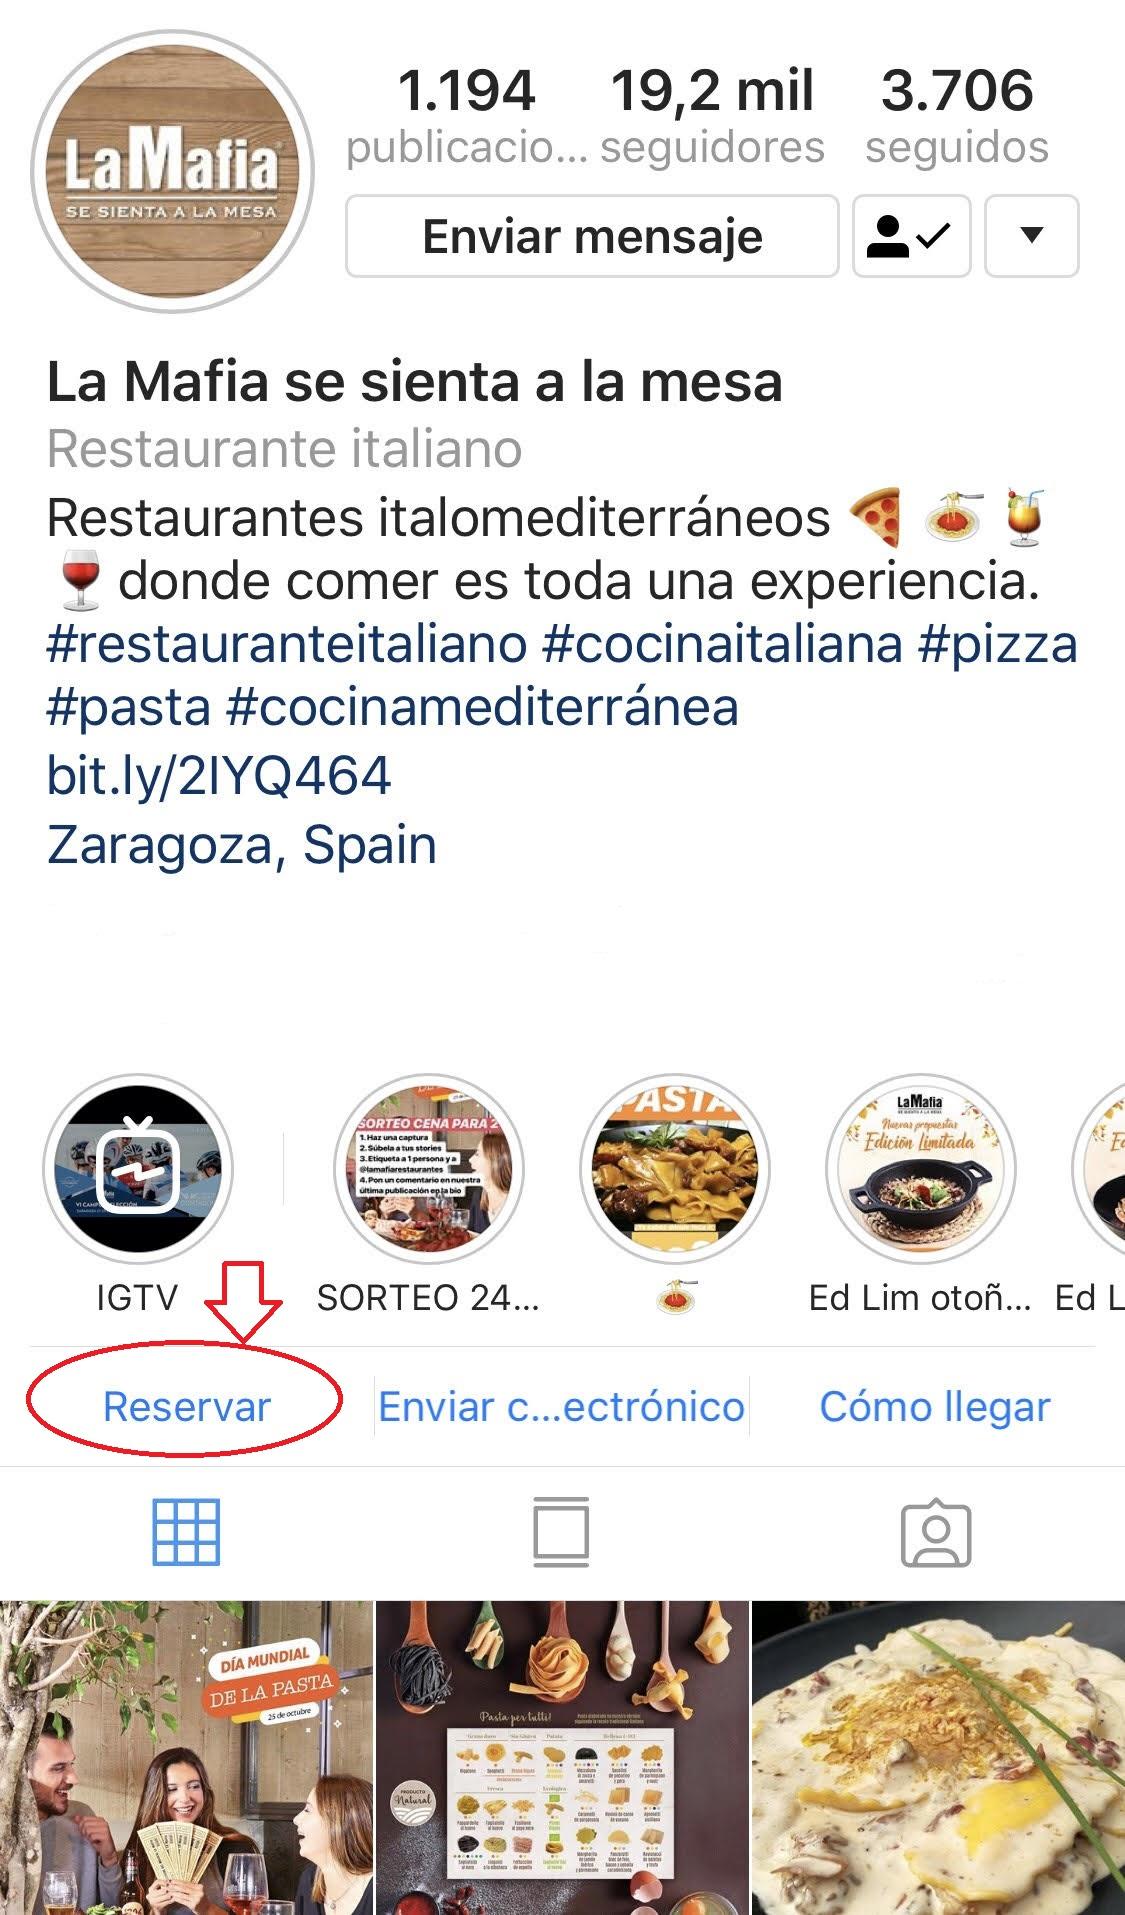 la mafia ig - Reserva en nuestros restaurantes desde Instagram